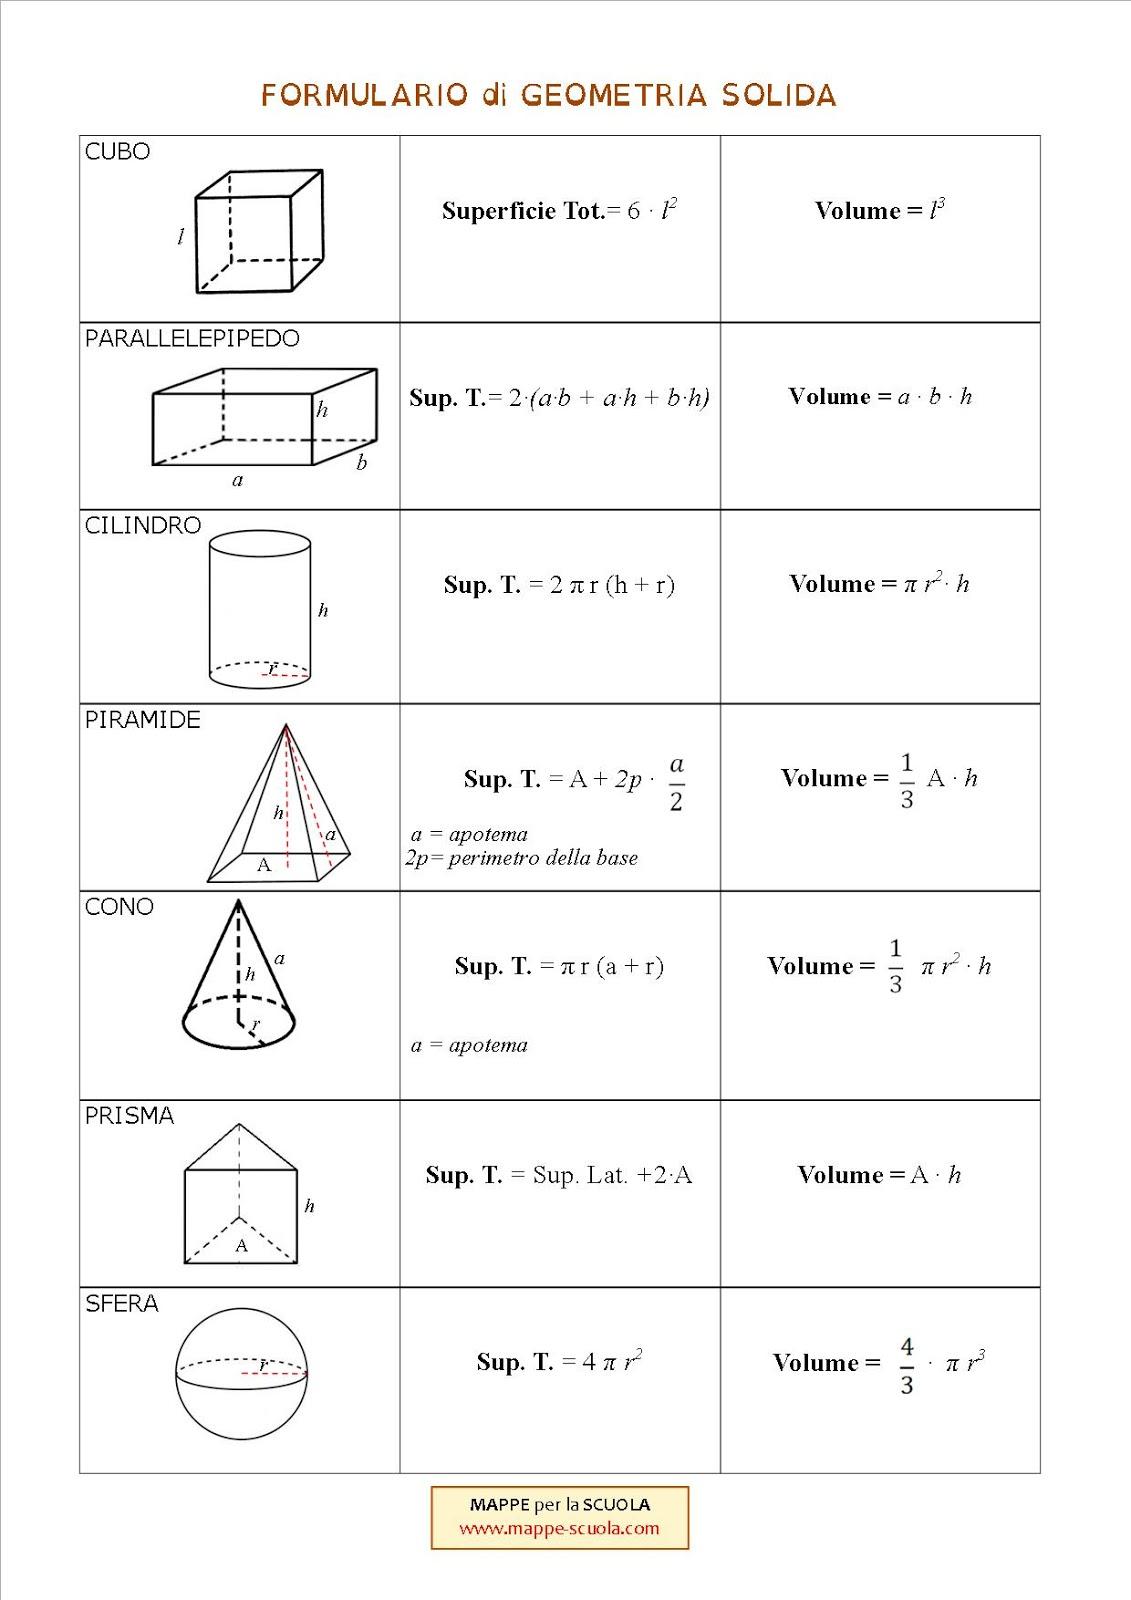 Mappe Per La Scuola Geometria Solida Formulario